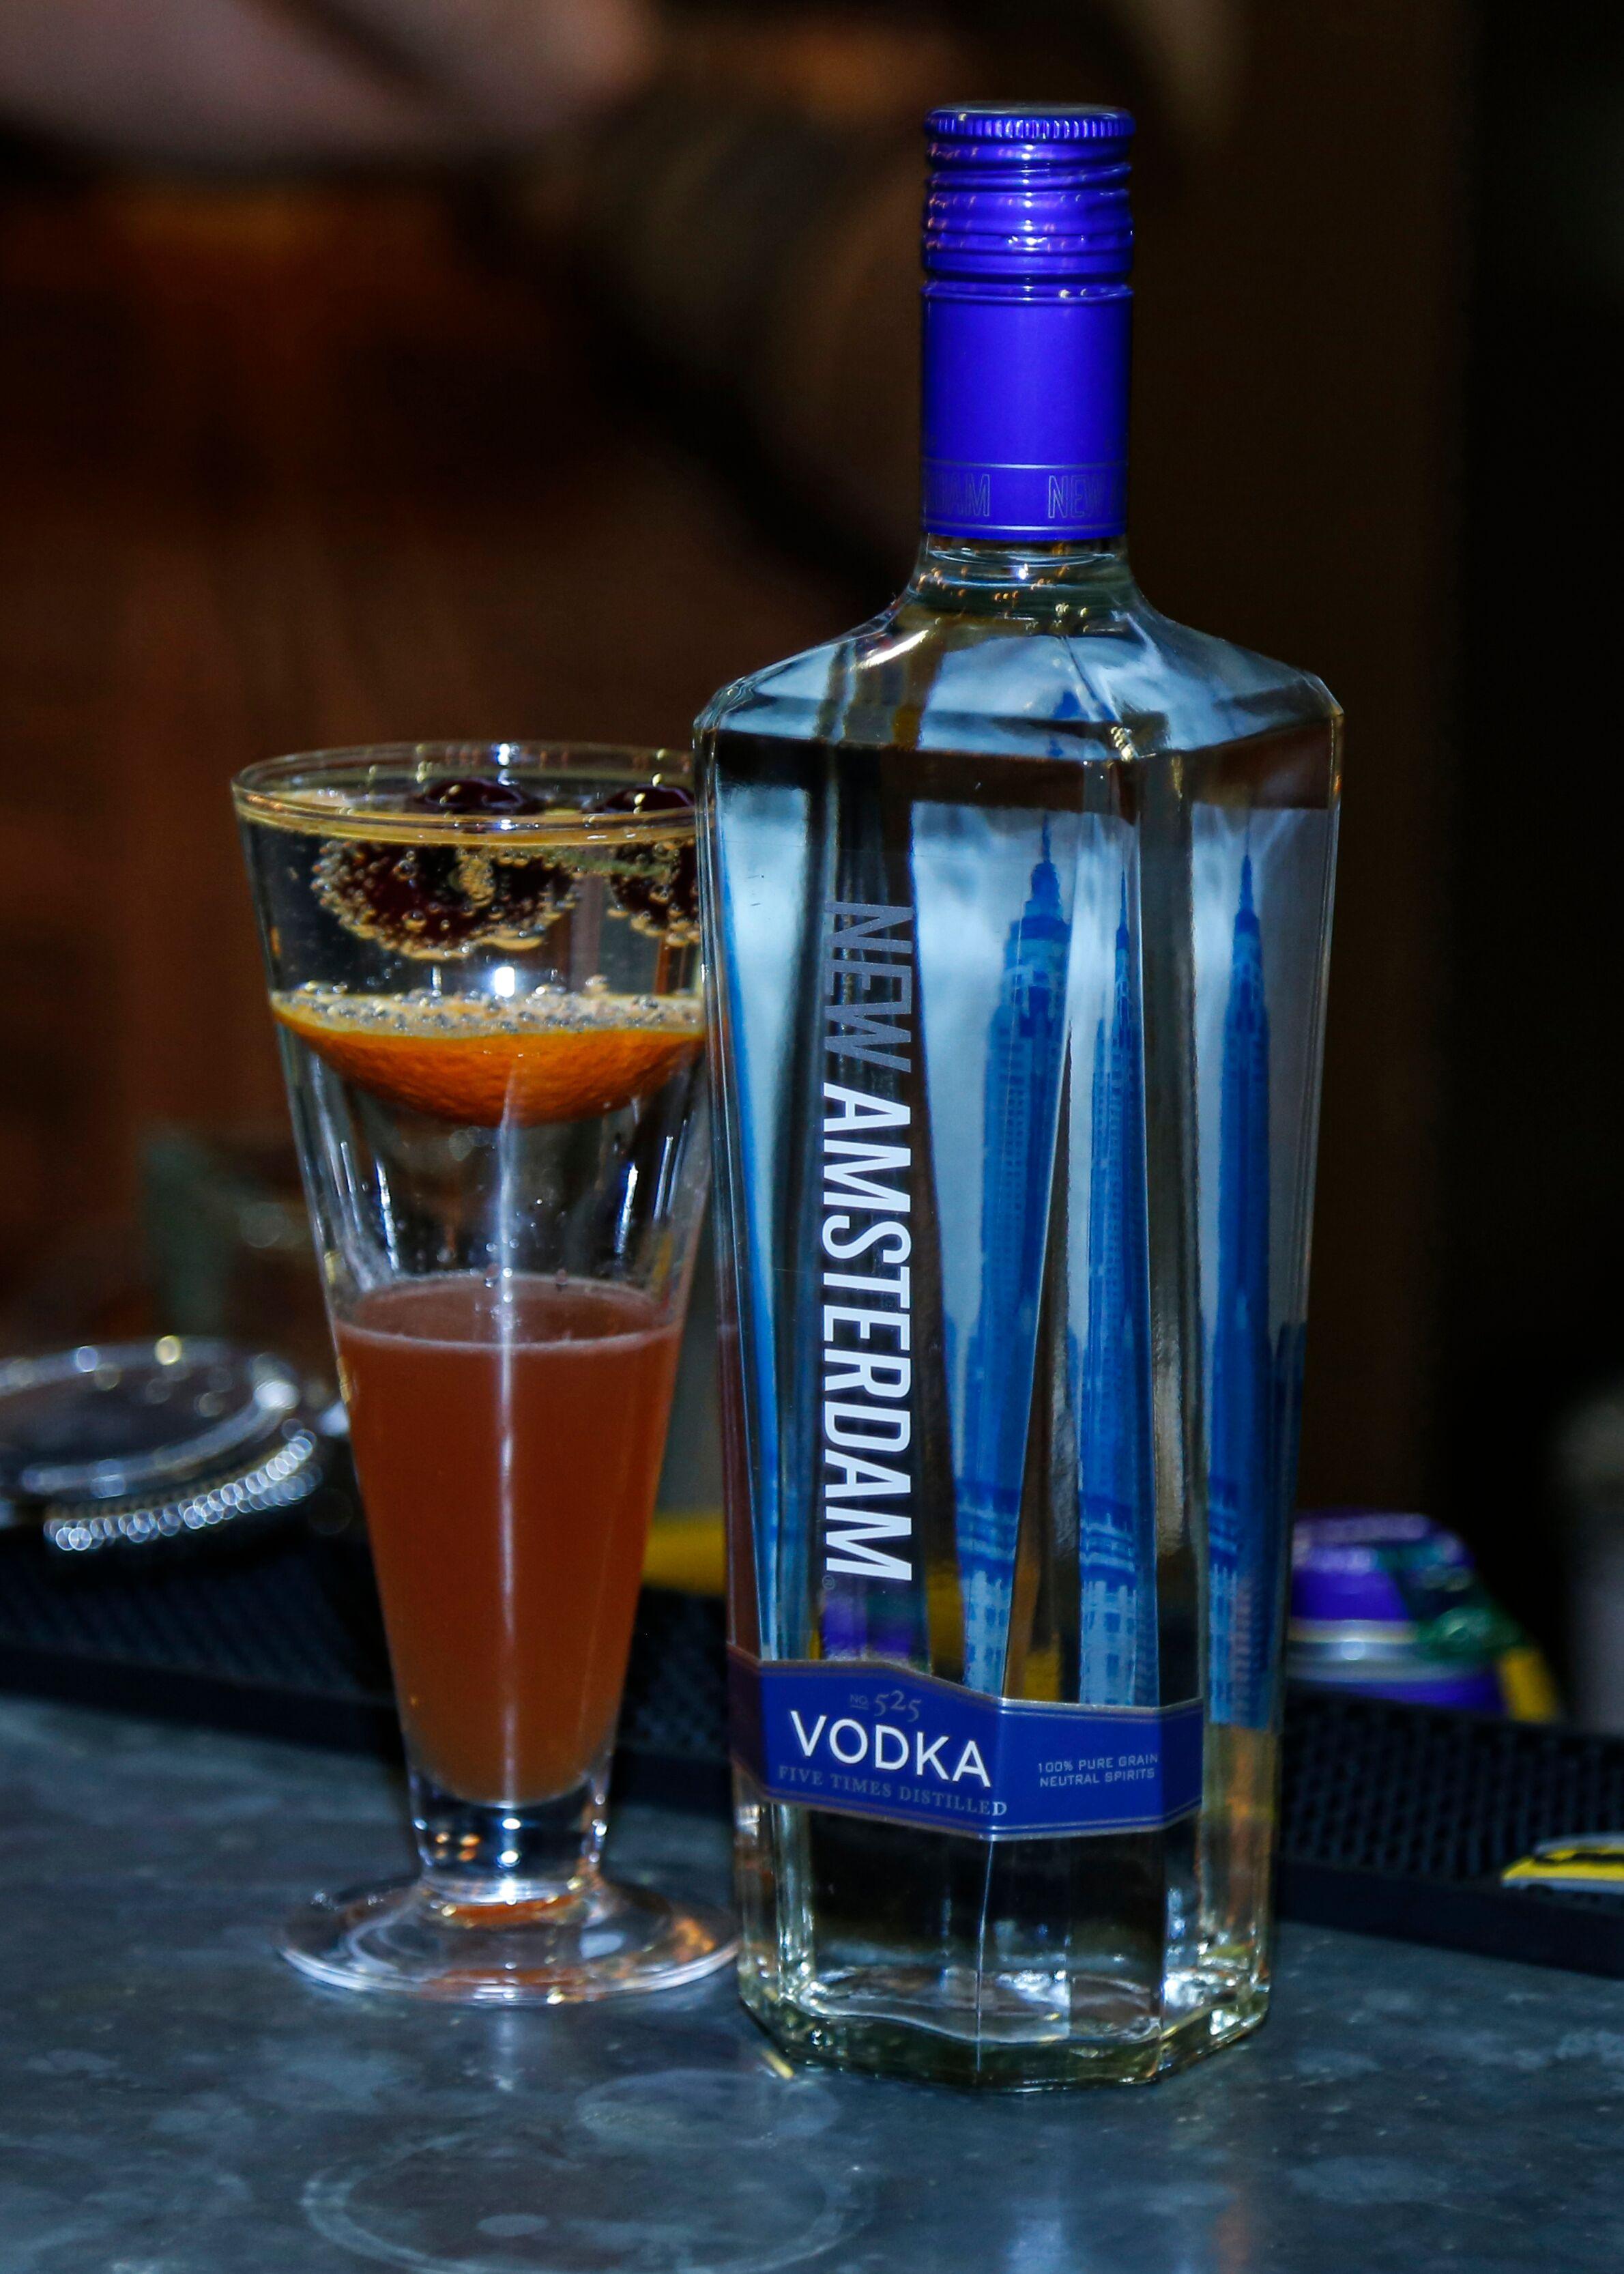 זמן אמיתי חוגג שלושים ששות פעילות - בתמונה- בקבוק אלכוהולי כחול